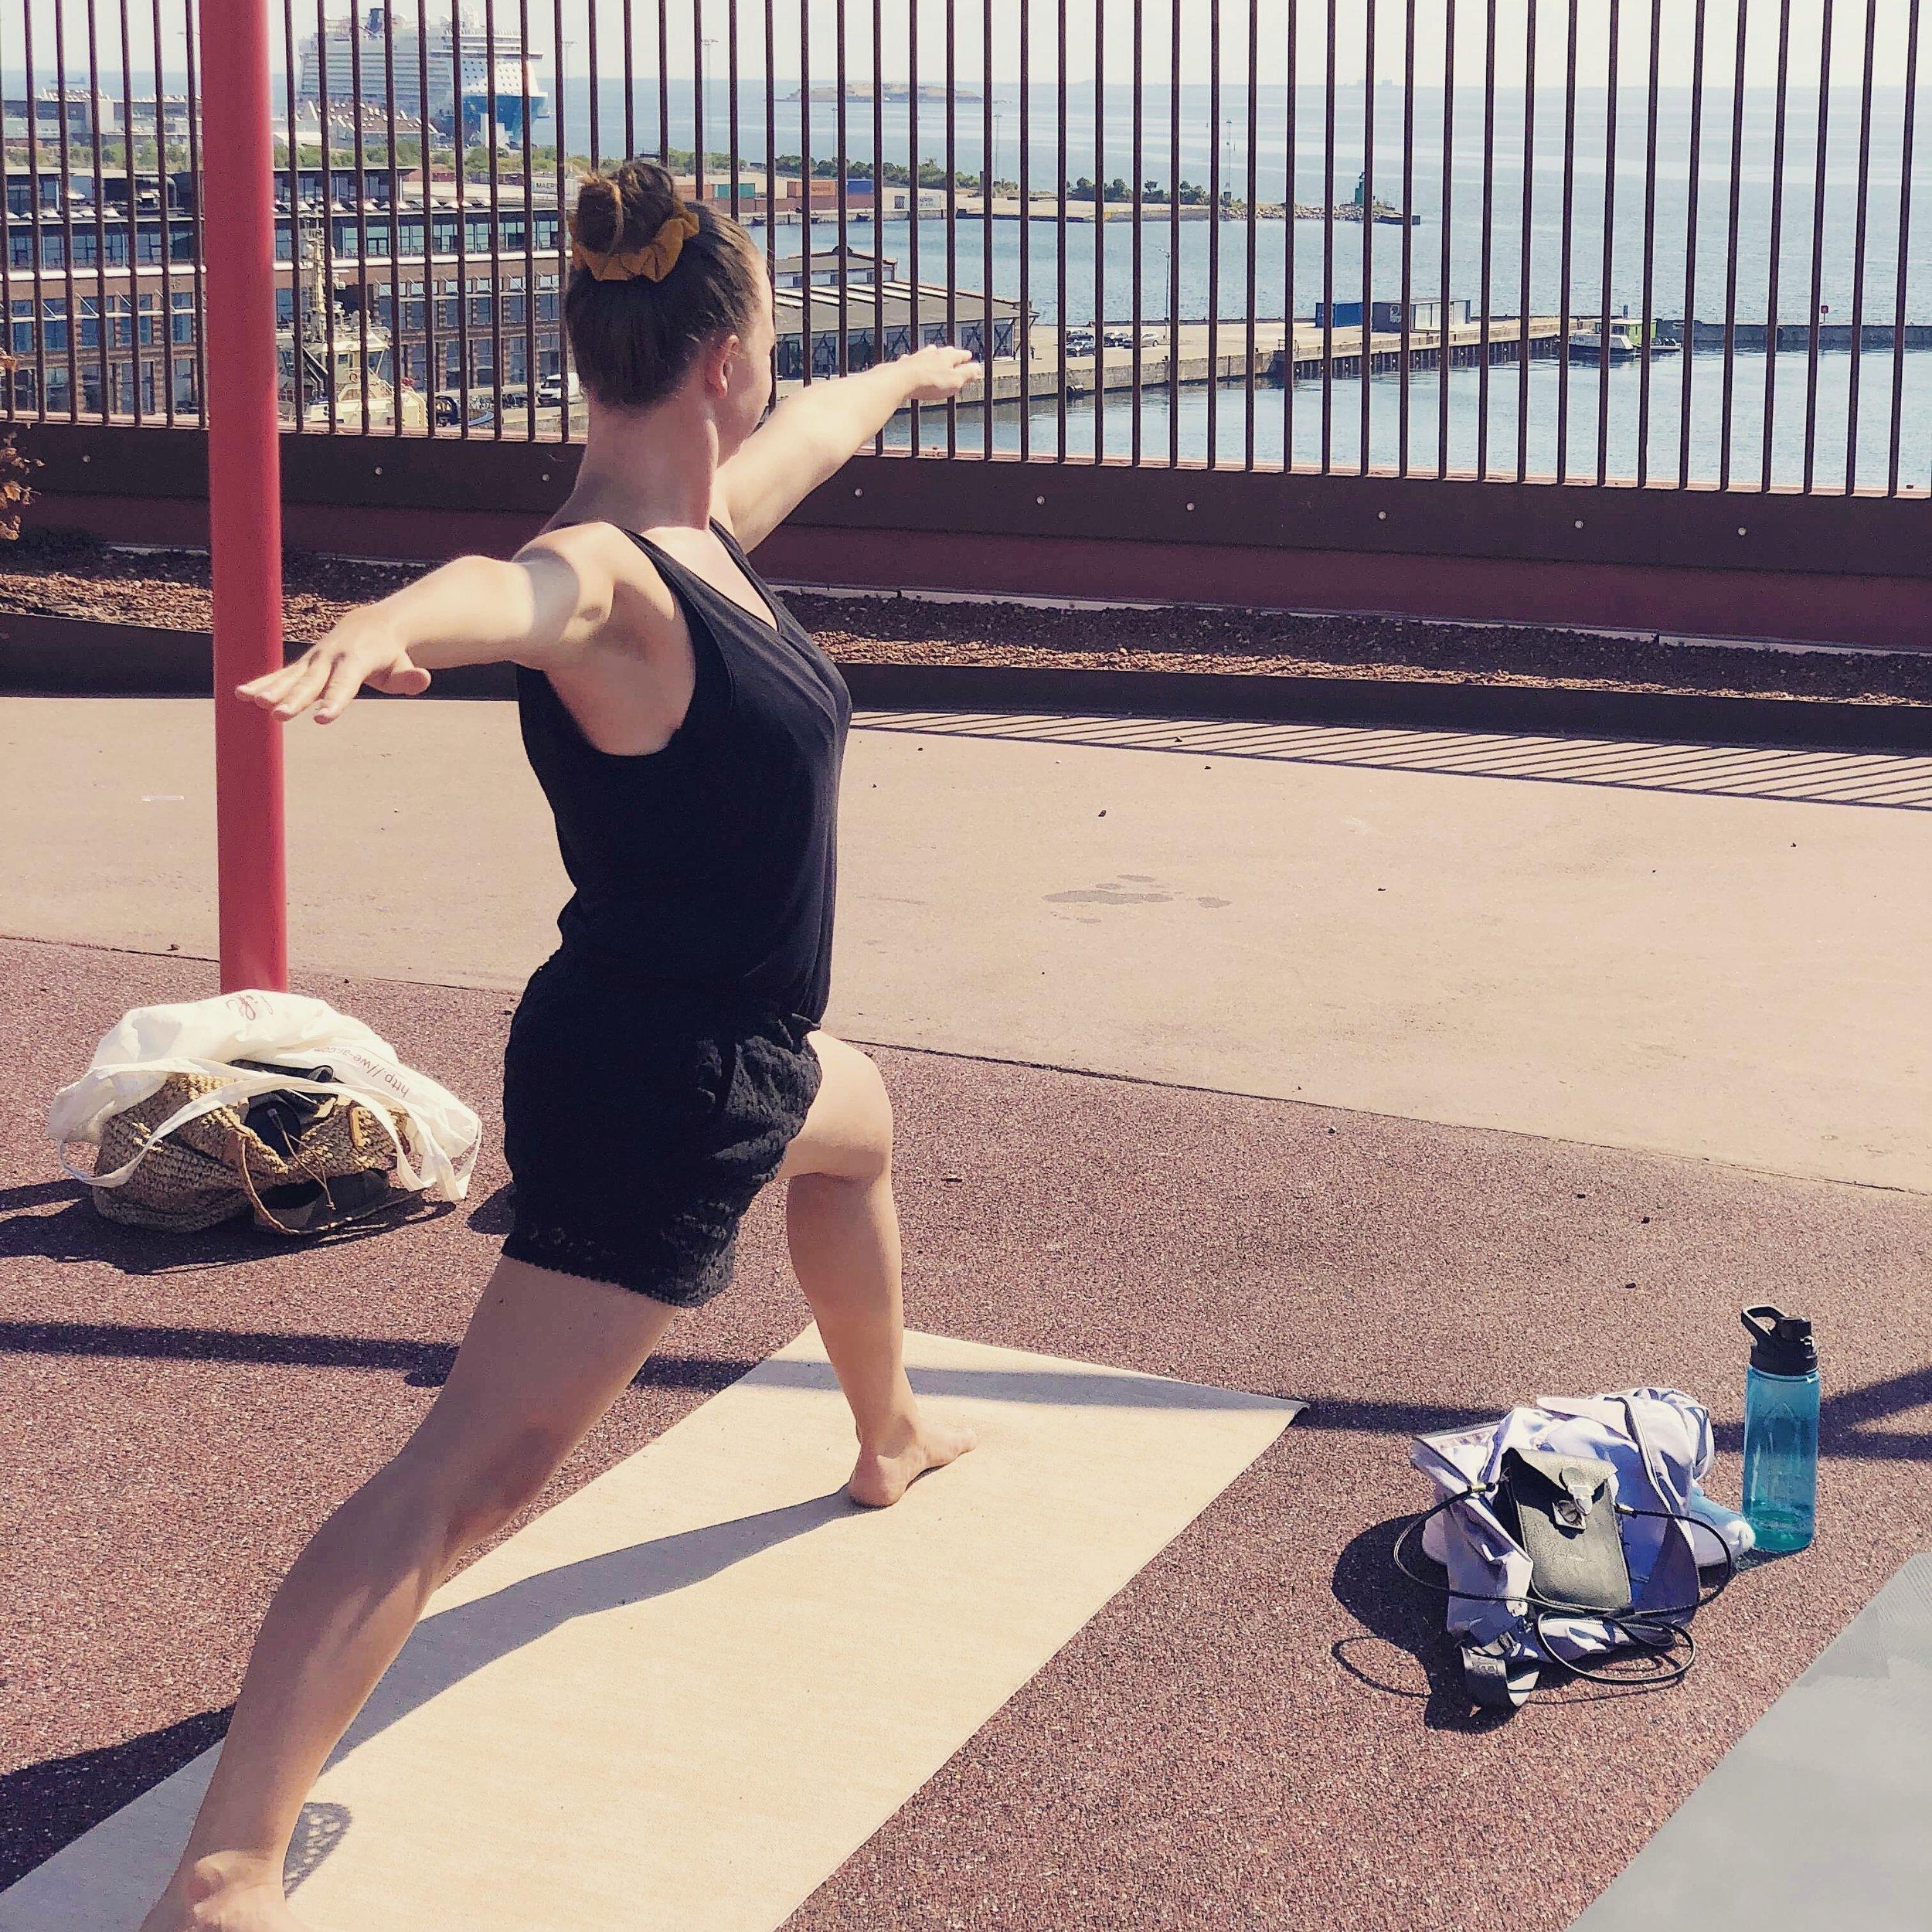 selvomsorg healing kvindecirkel selvkærlighed bevægelse yoga